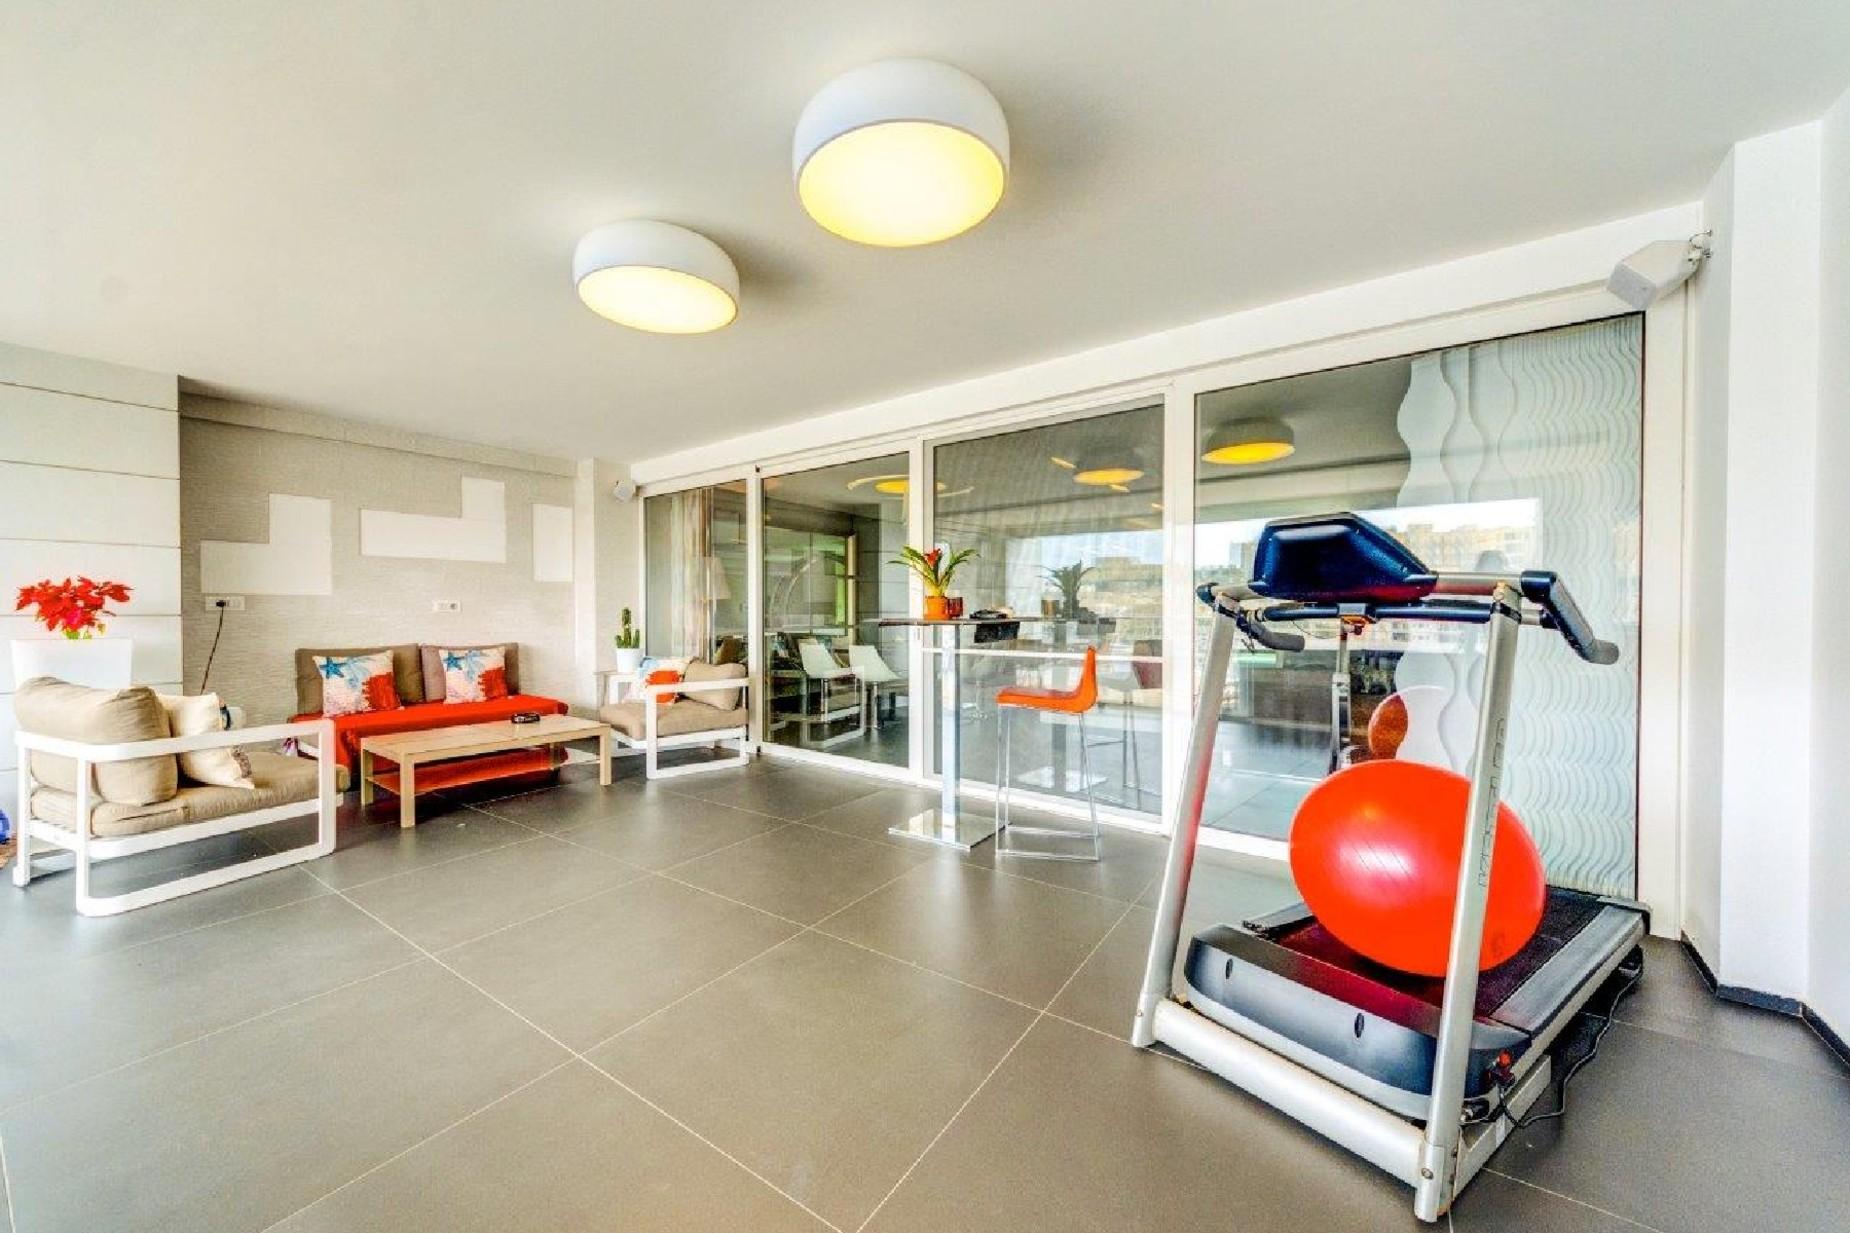 3 bed Apartment For Sale in Ta' Xbiex, Ta' Xbiex - thumb 2